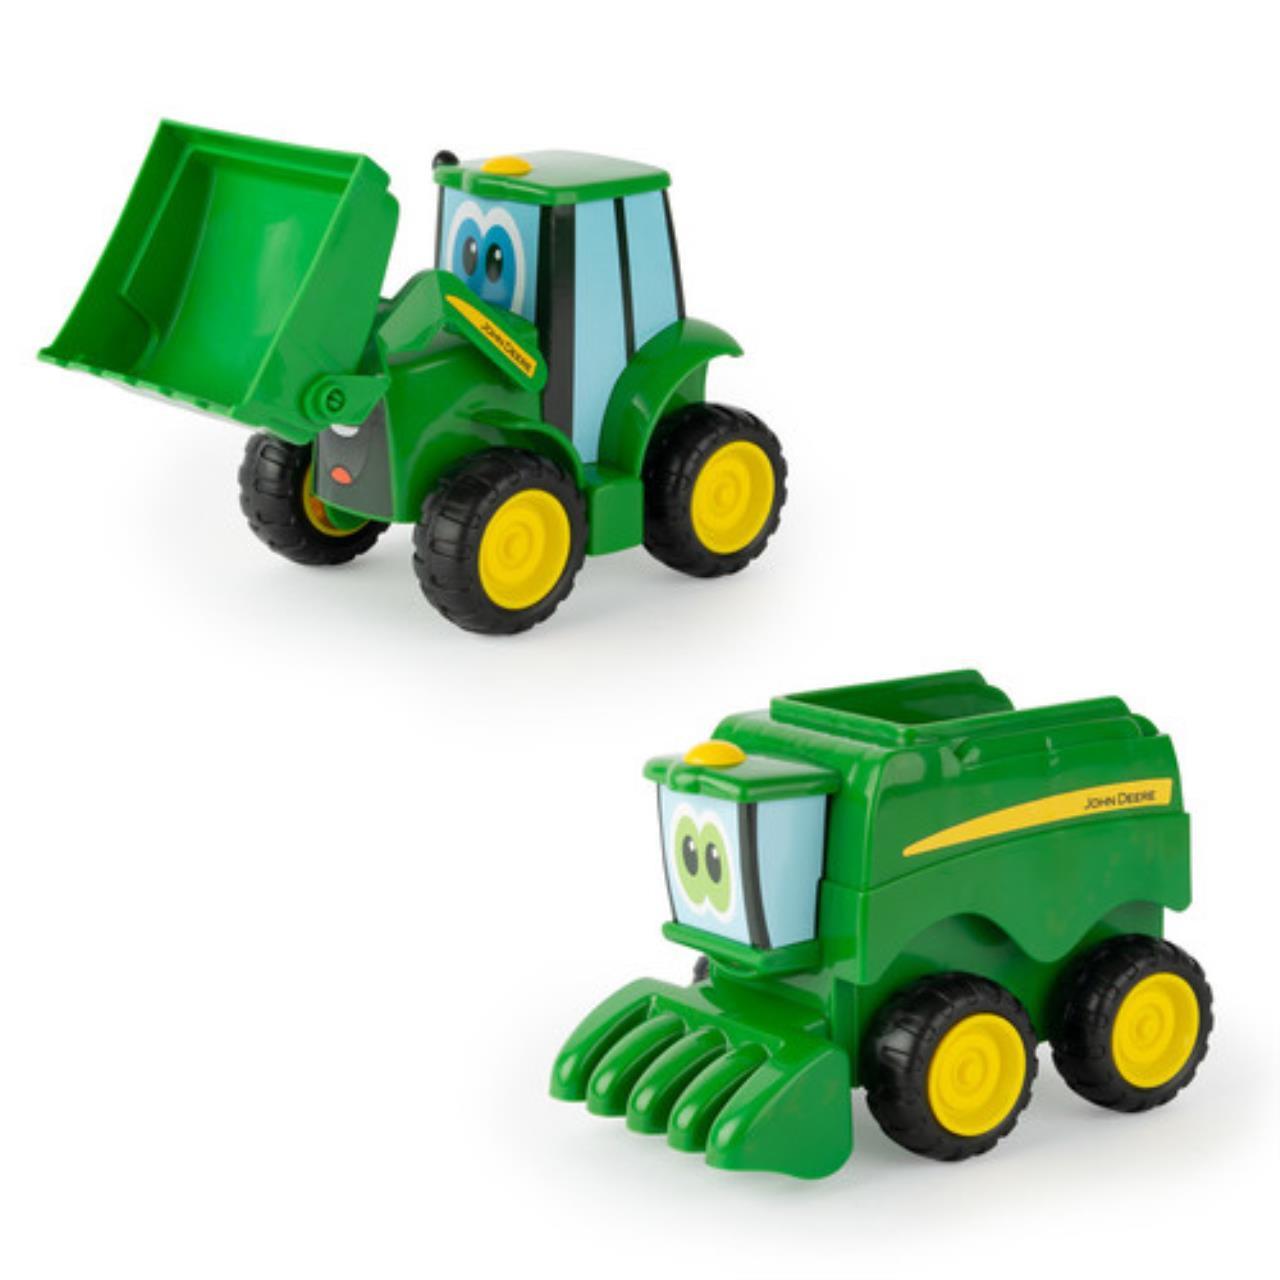 John Deere Johnny Traktor og Mejertærsker